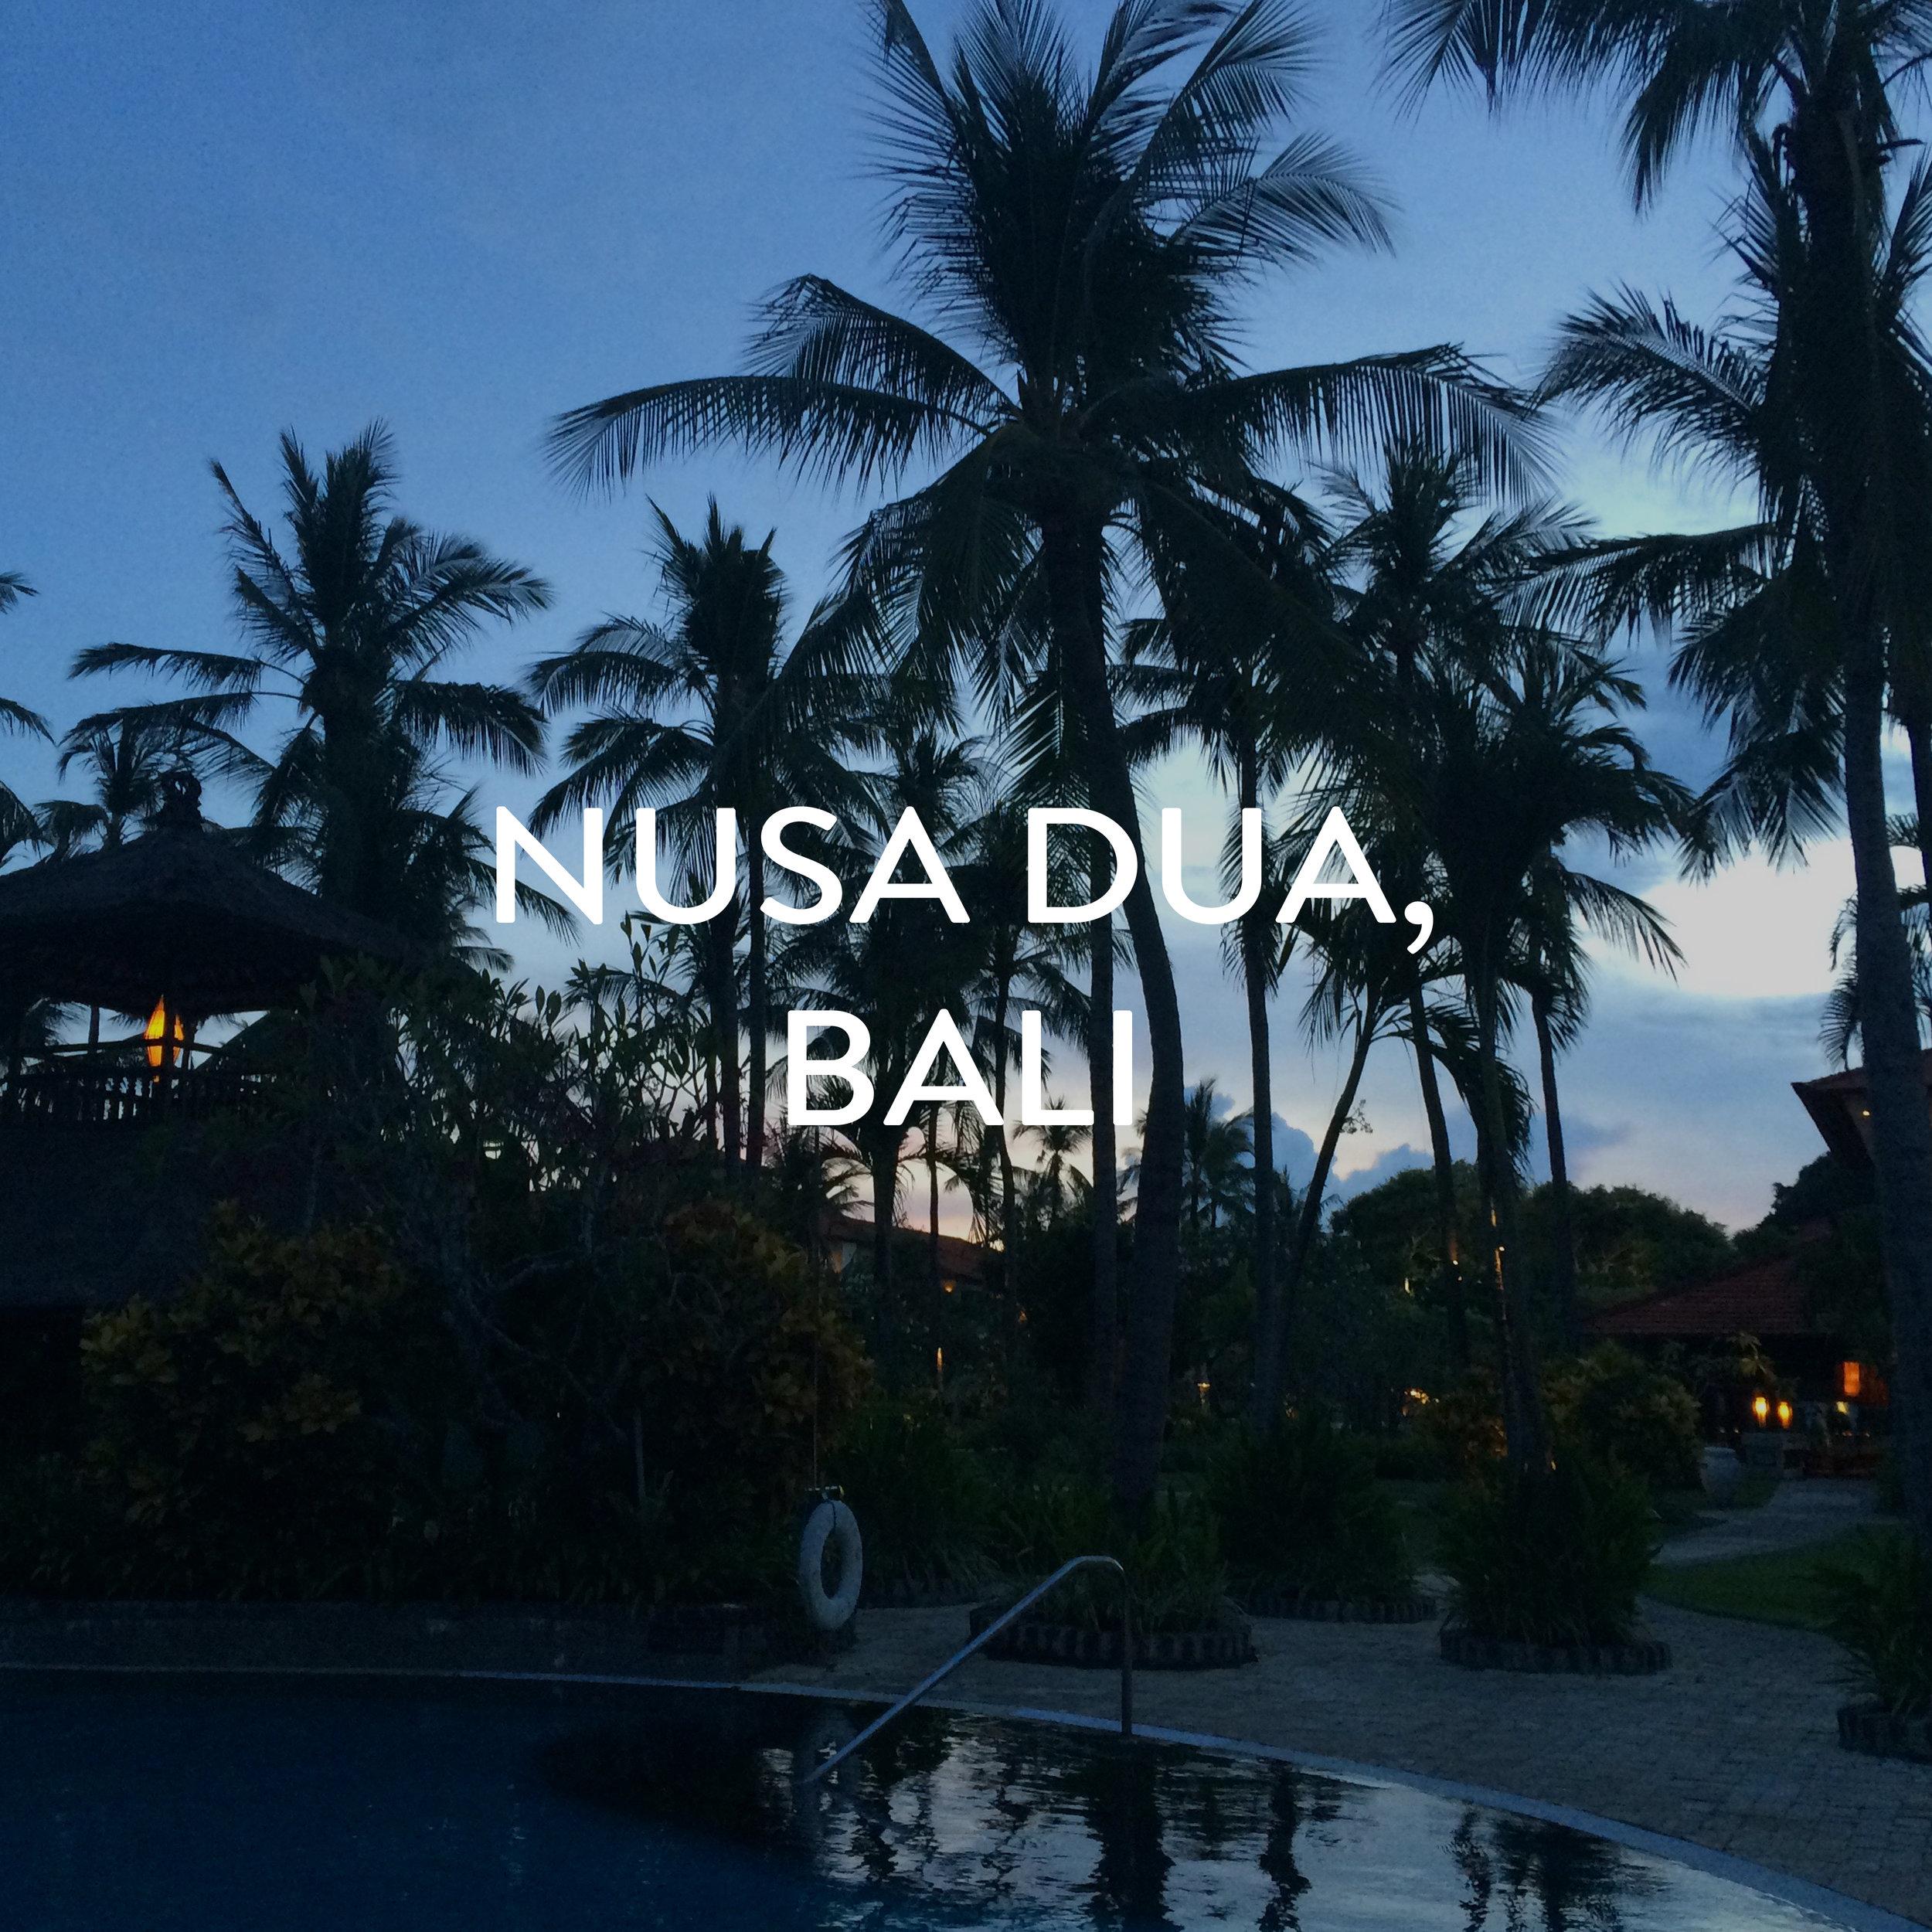 NusaDua.jpg